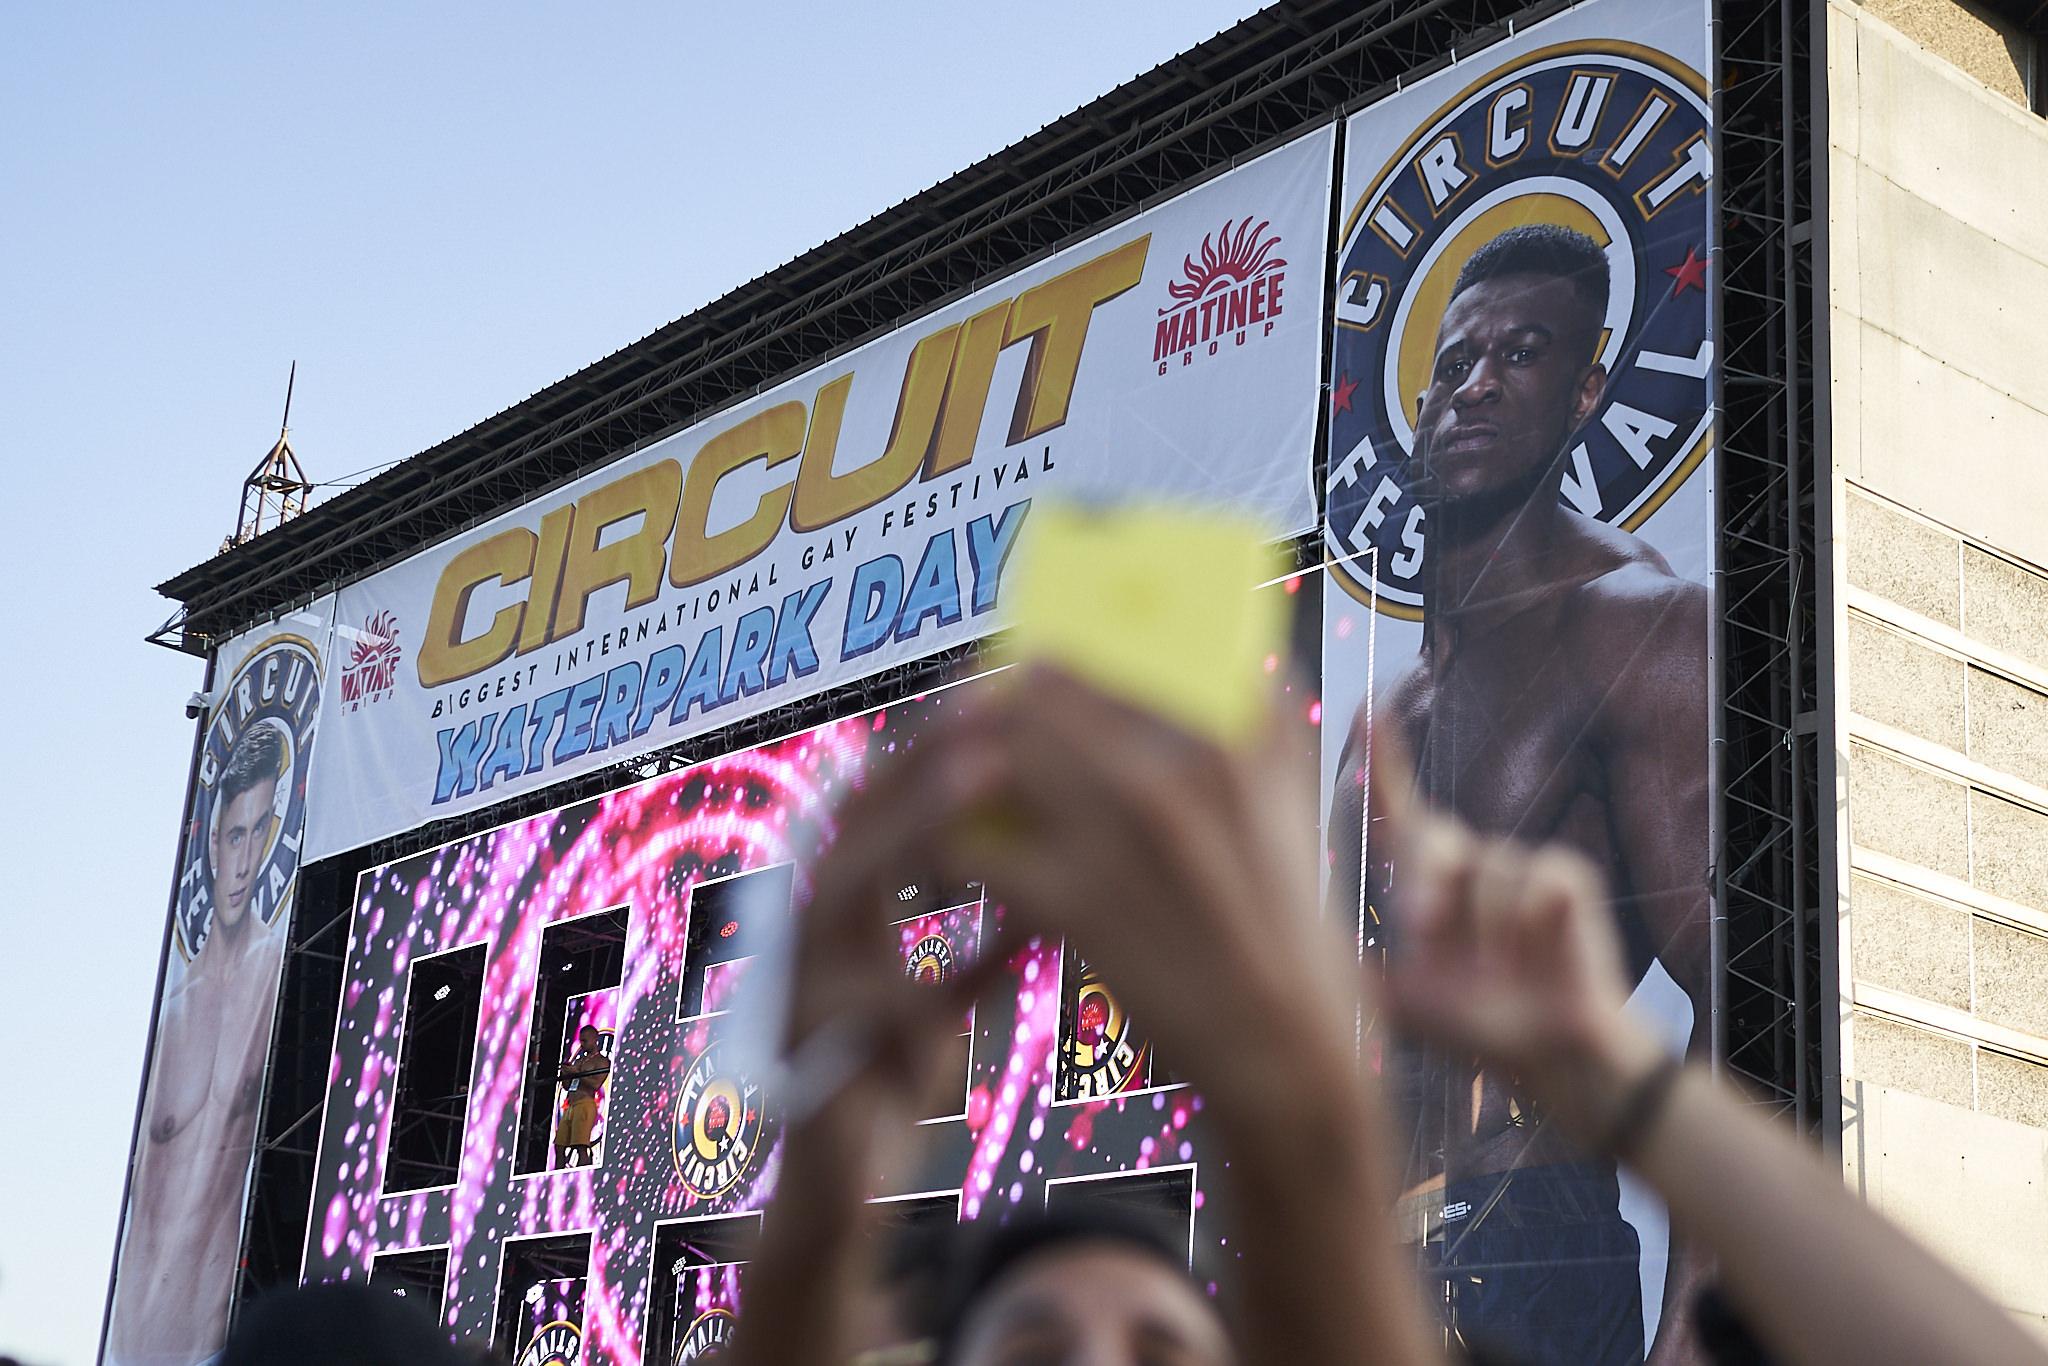 Fotos Circuit Premia 2019 Isla Fantasia _LME2021.jpg